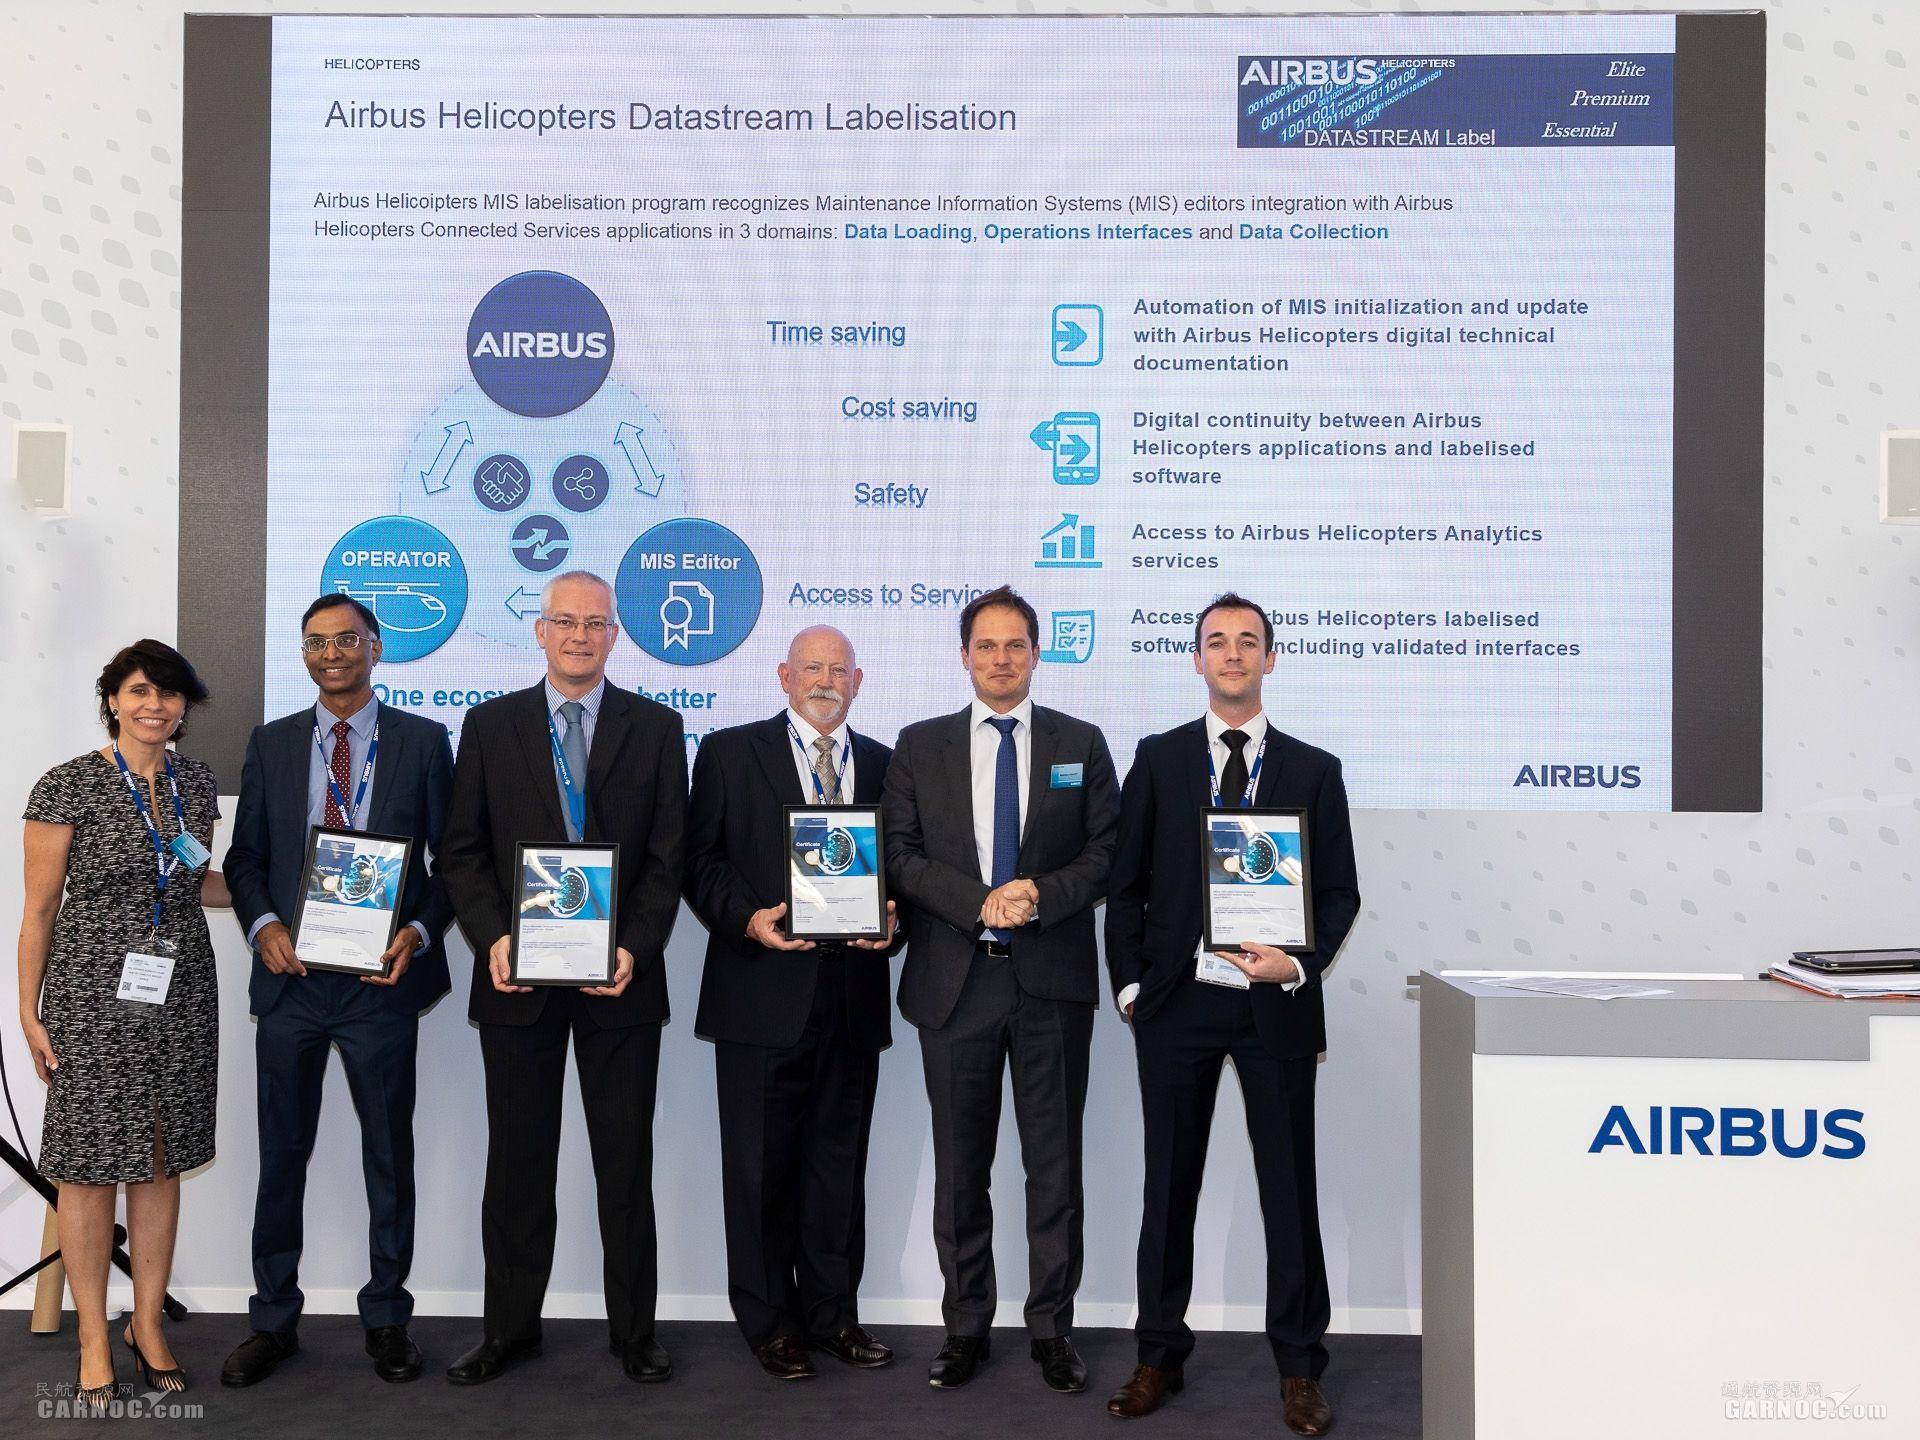 四家MRO软件供应商与空客直升机公司签署协议